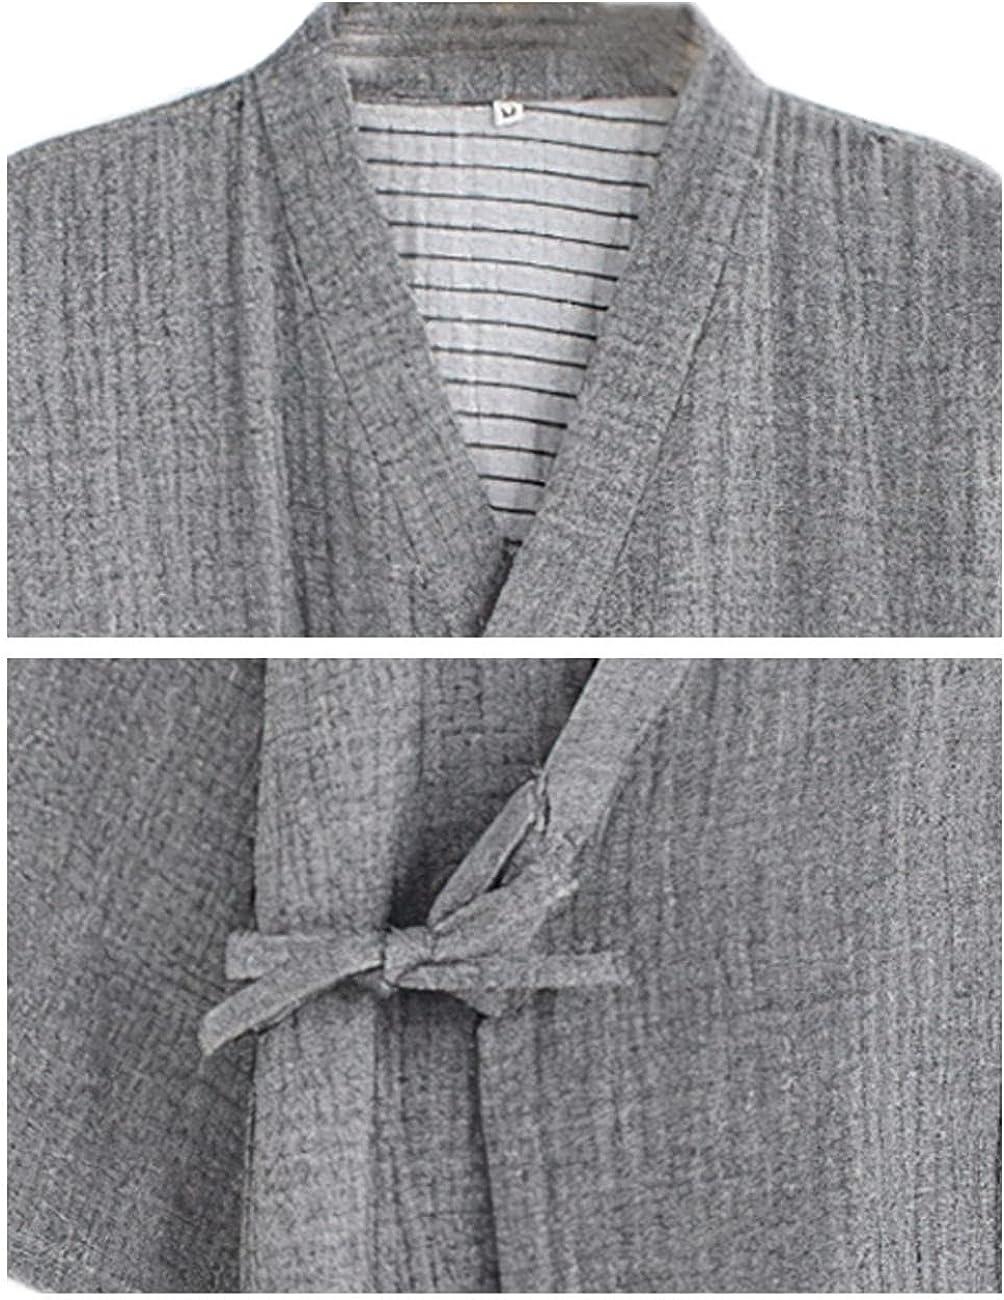 Men's Japanese Kimono Pajama Bathrobe Soft Cotton Lightweight Pajamas Home Wear